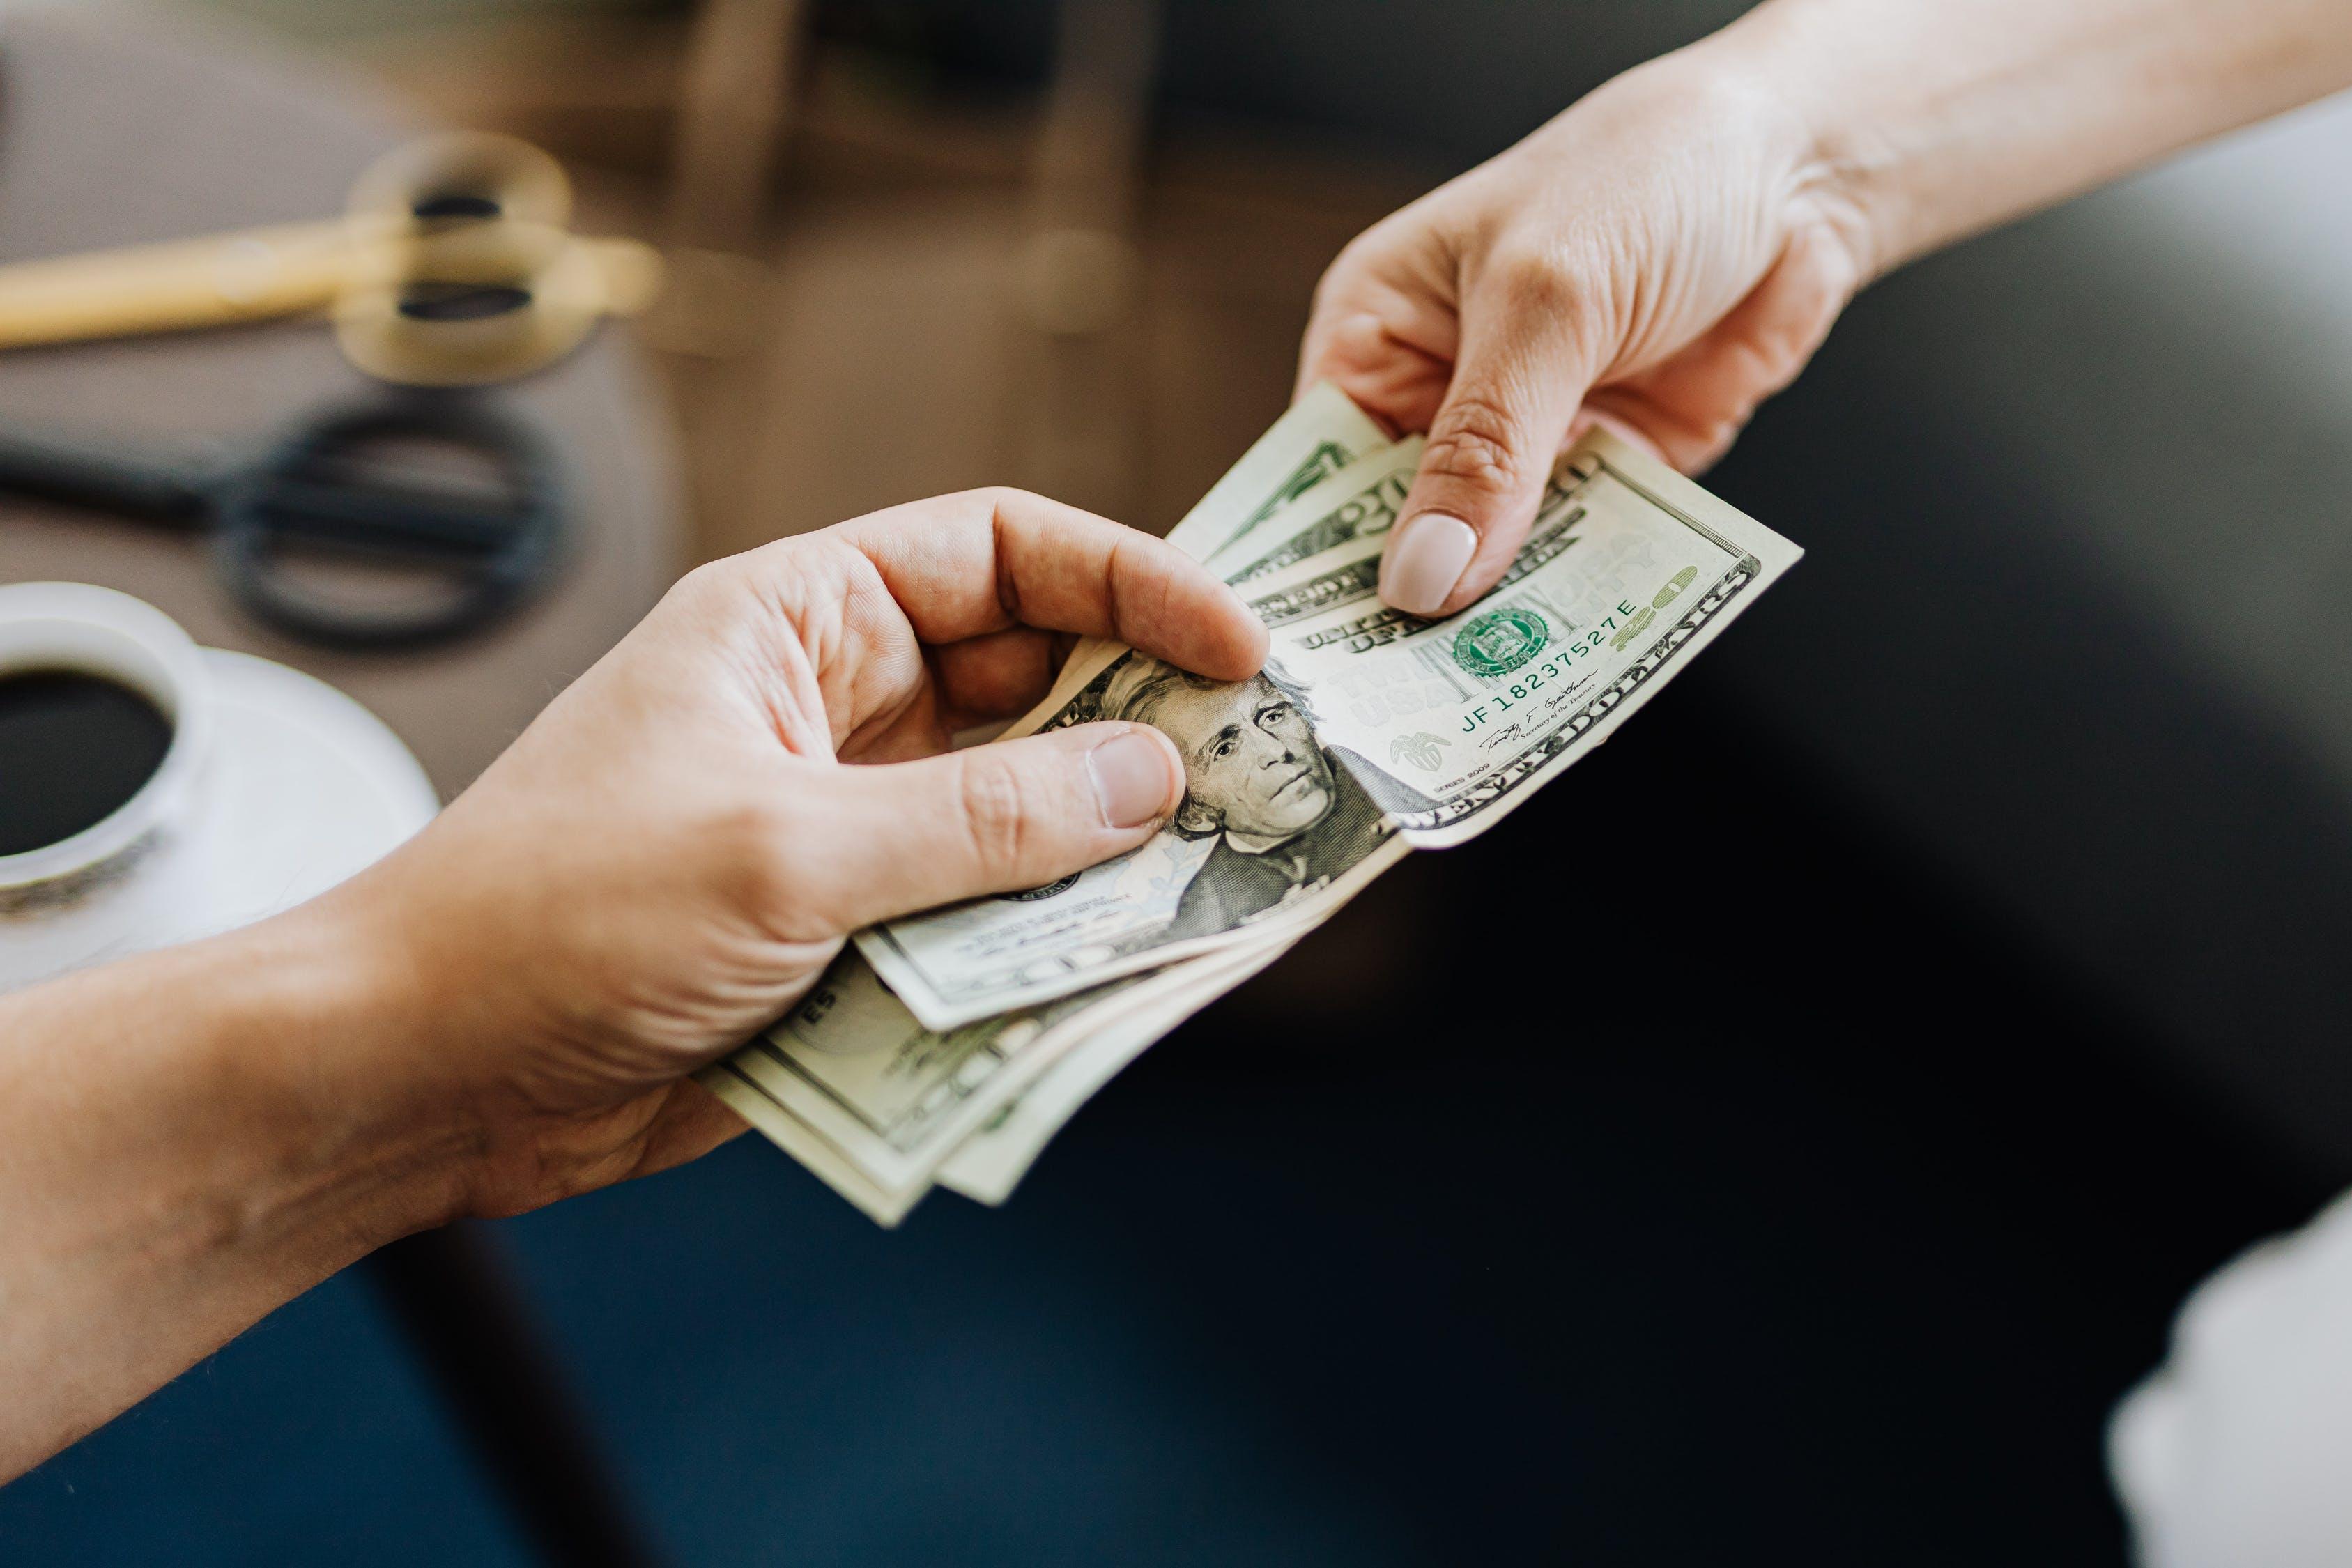 Ведение семейного бюджета: стоил ли создавать общий бюджет или лучше ввести раздельный – мнение экспертов